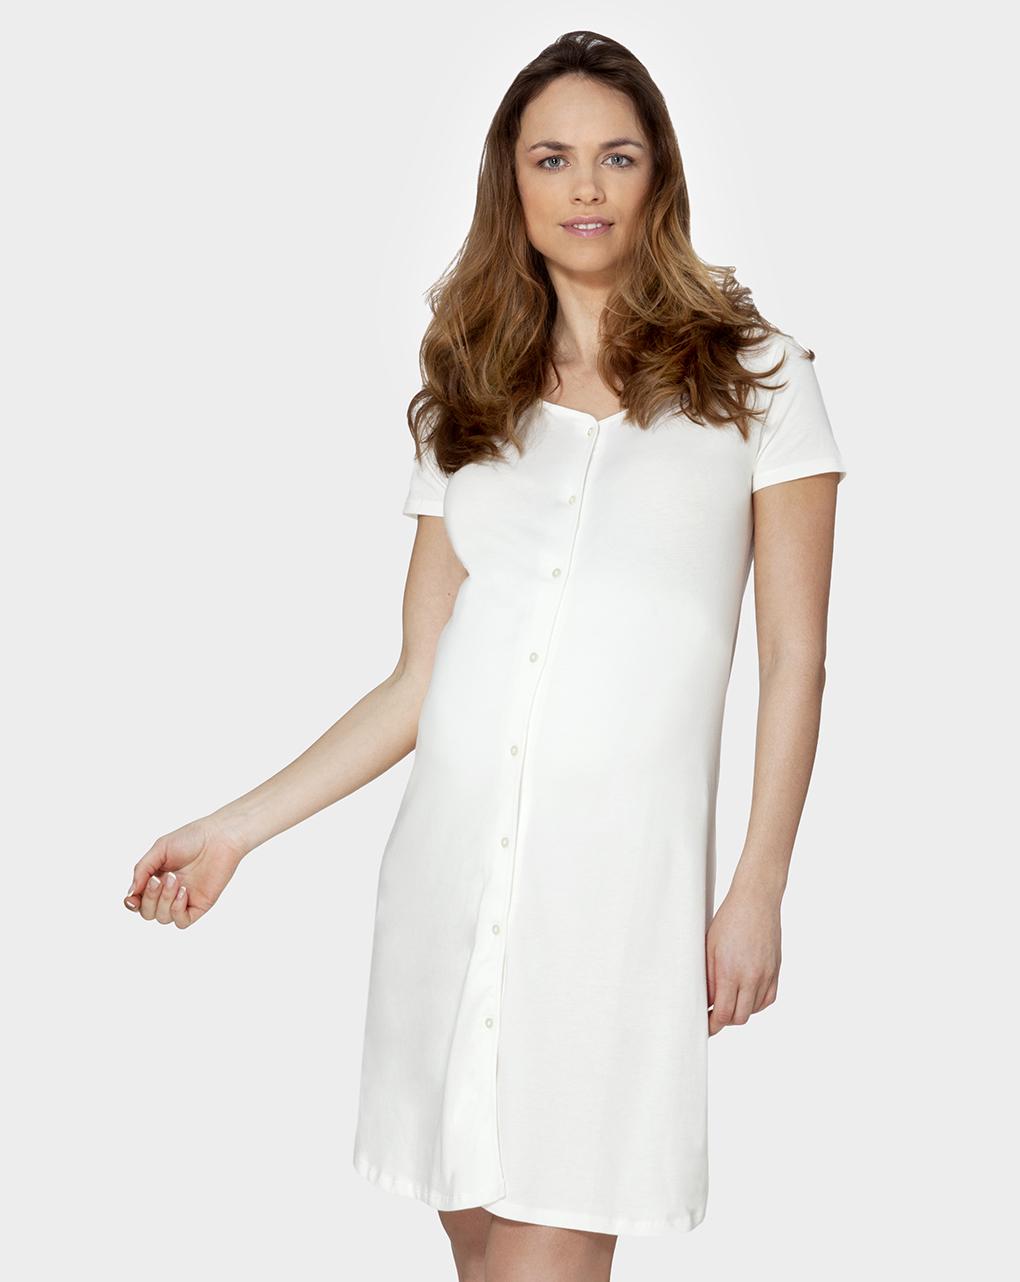 Camicia parto mezze maniche tutta aperta bianca - Prénatal